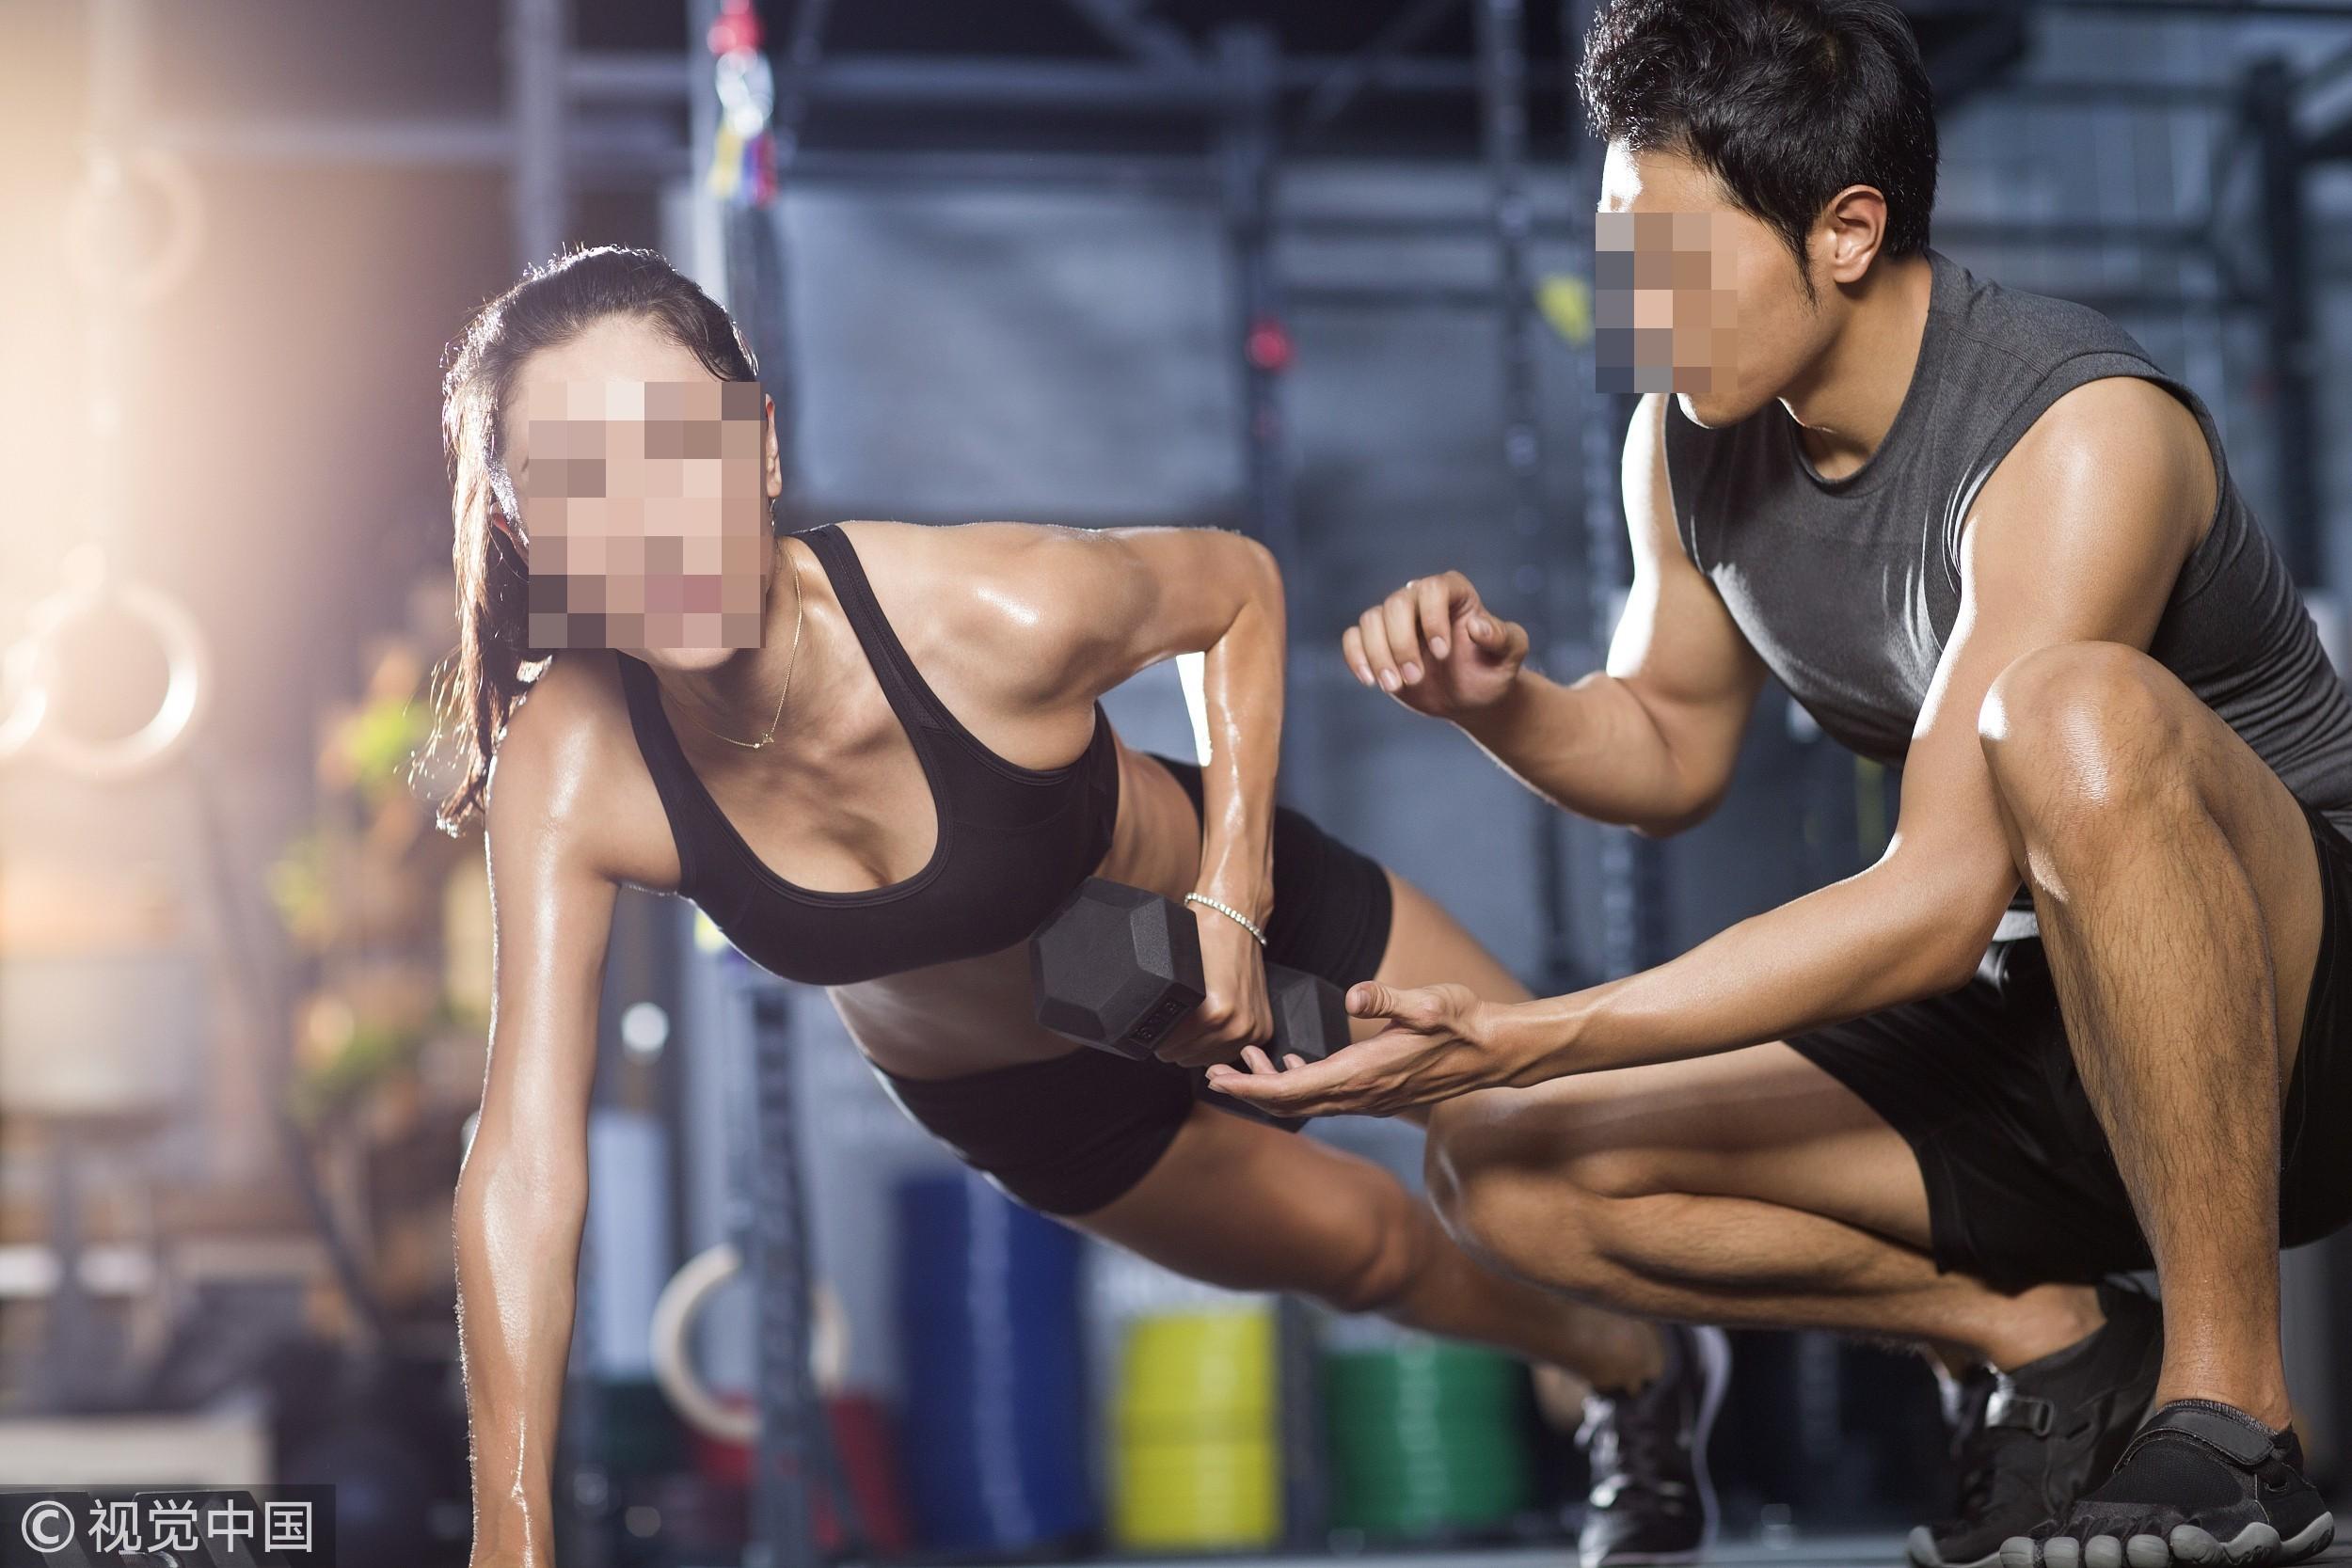 ▲運動,健身,教練,運動內衣,啞鈴,流汗,正妹示意圖。(圖/CFP)